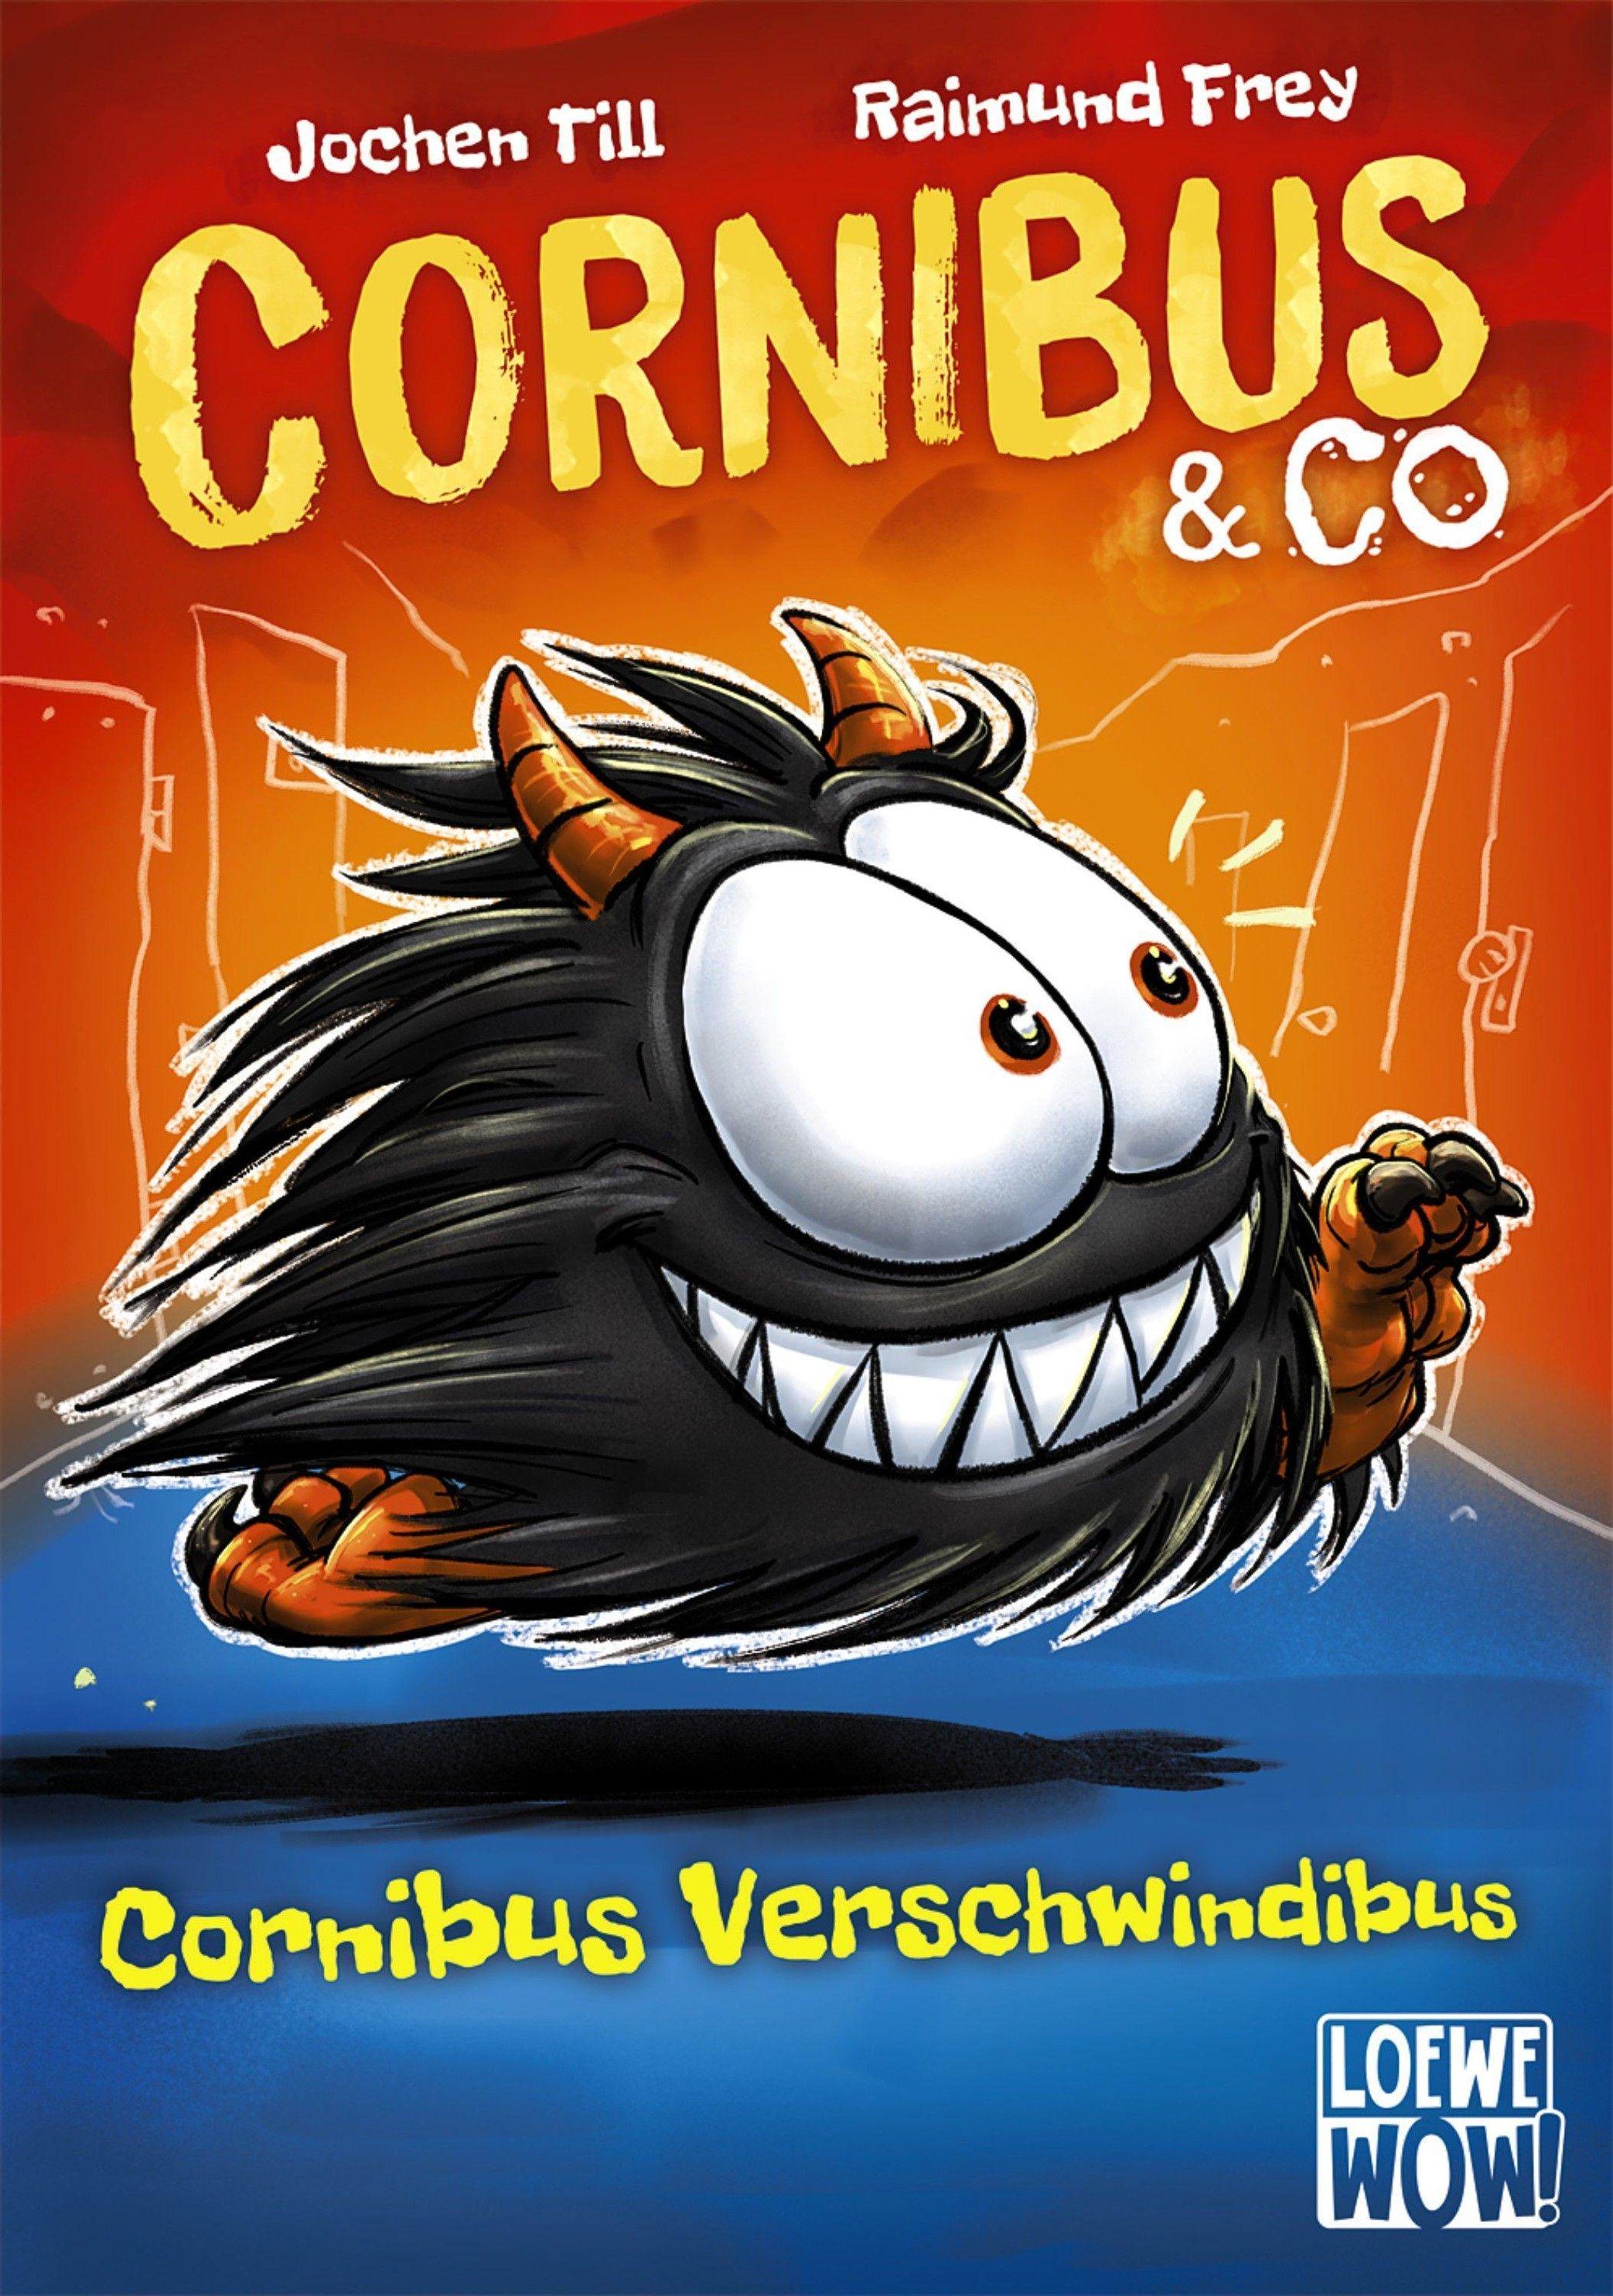 Cornibus & Co – Cornibus Verschwindibus